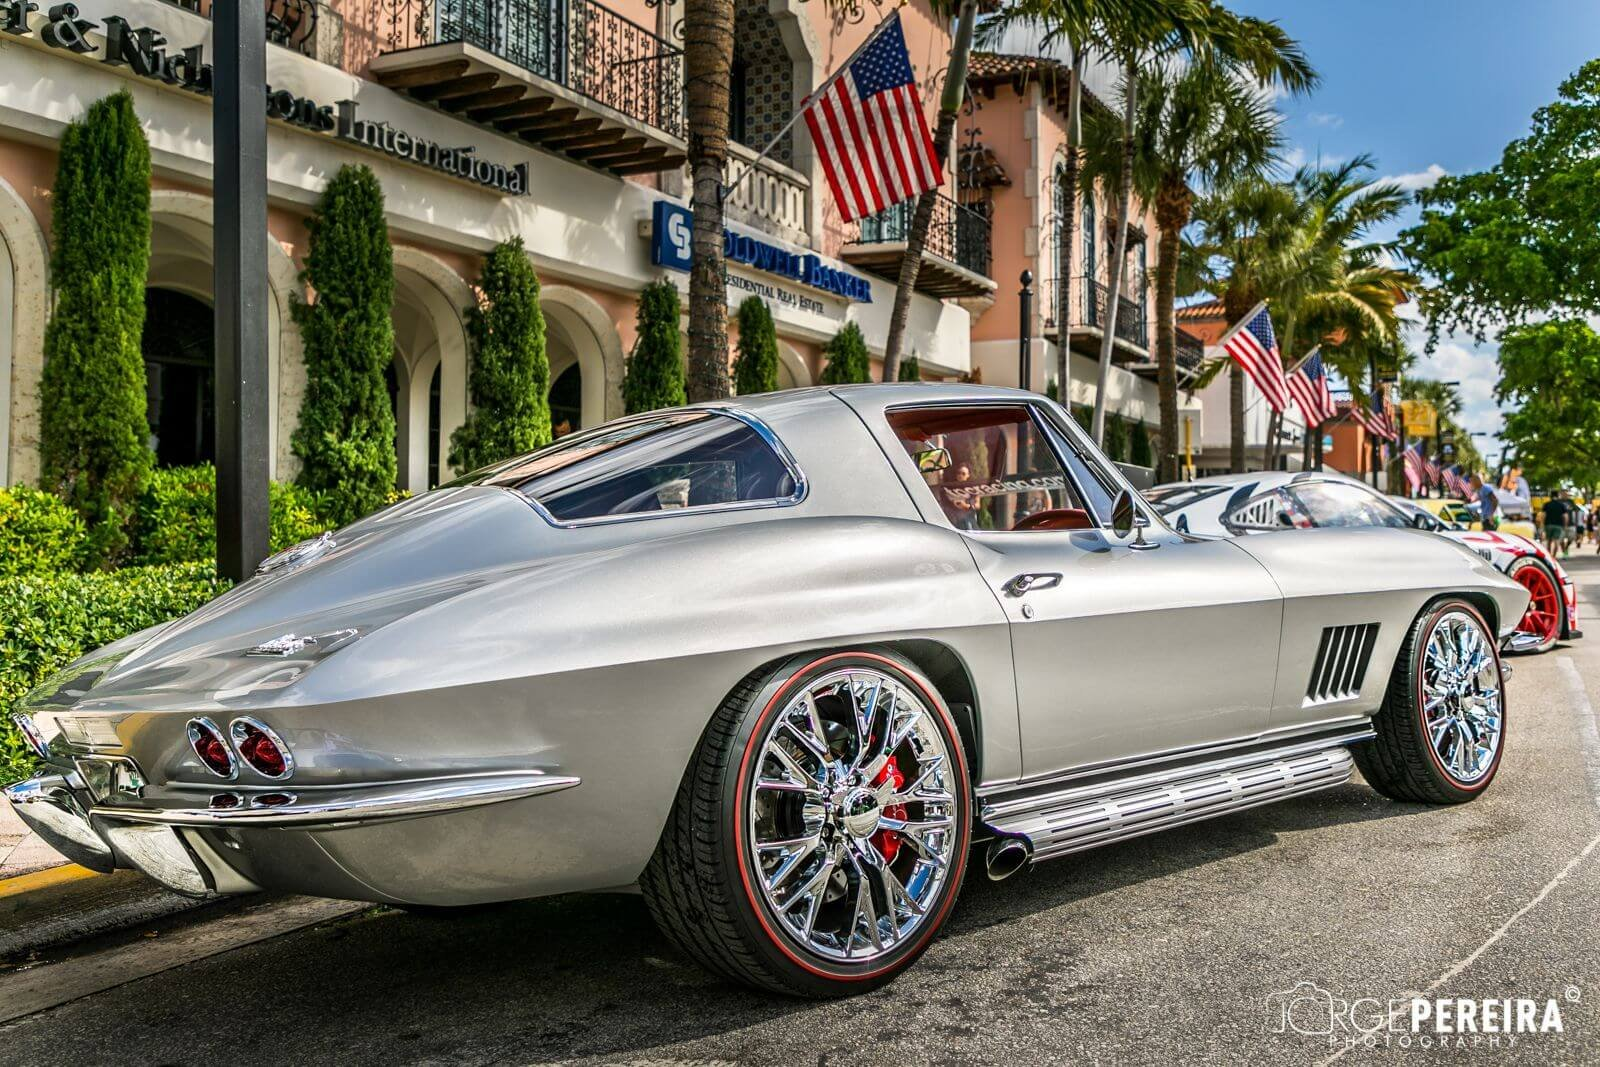 1967 67 Chevy CHEVROLET Script Valve Covers PAINTED Corvette